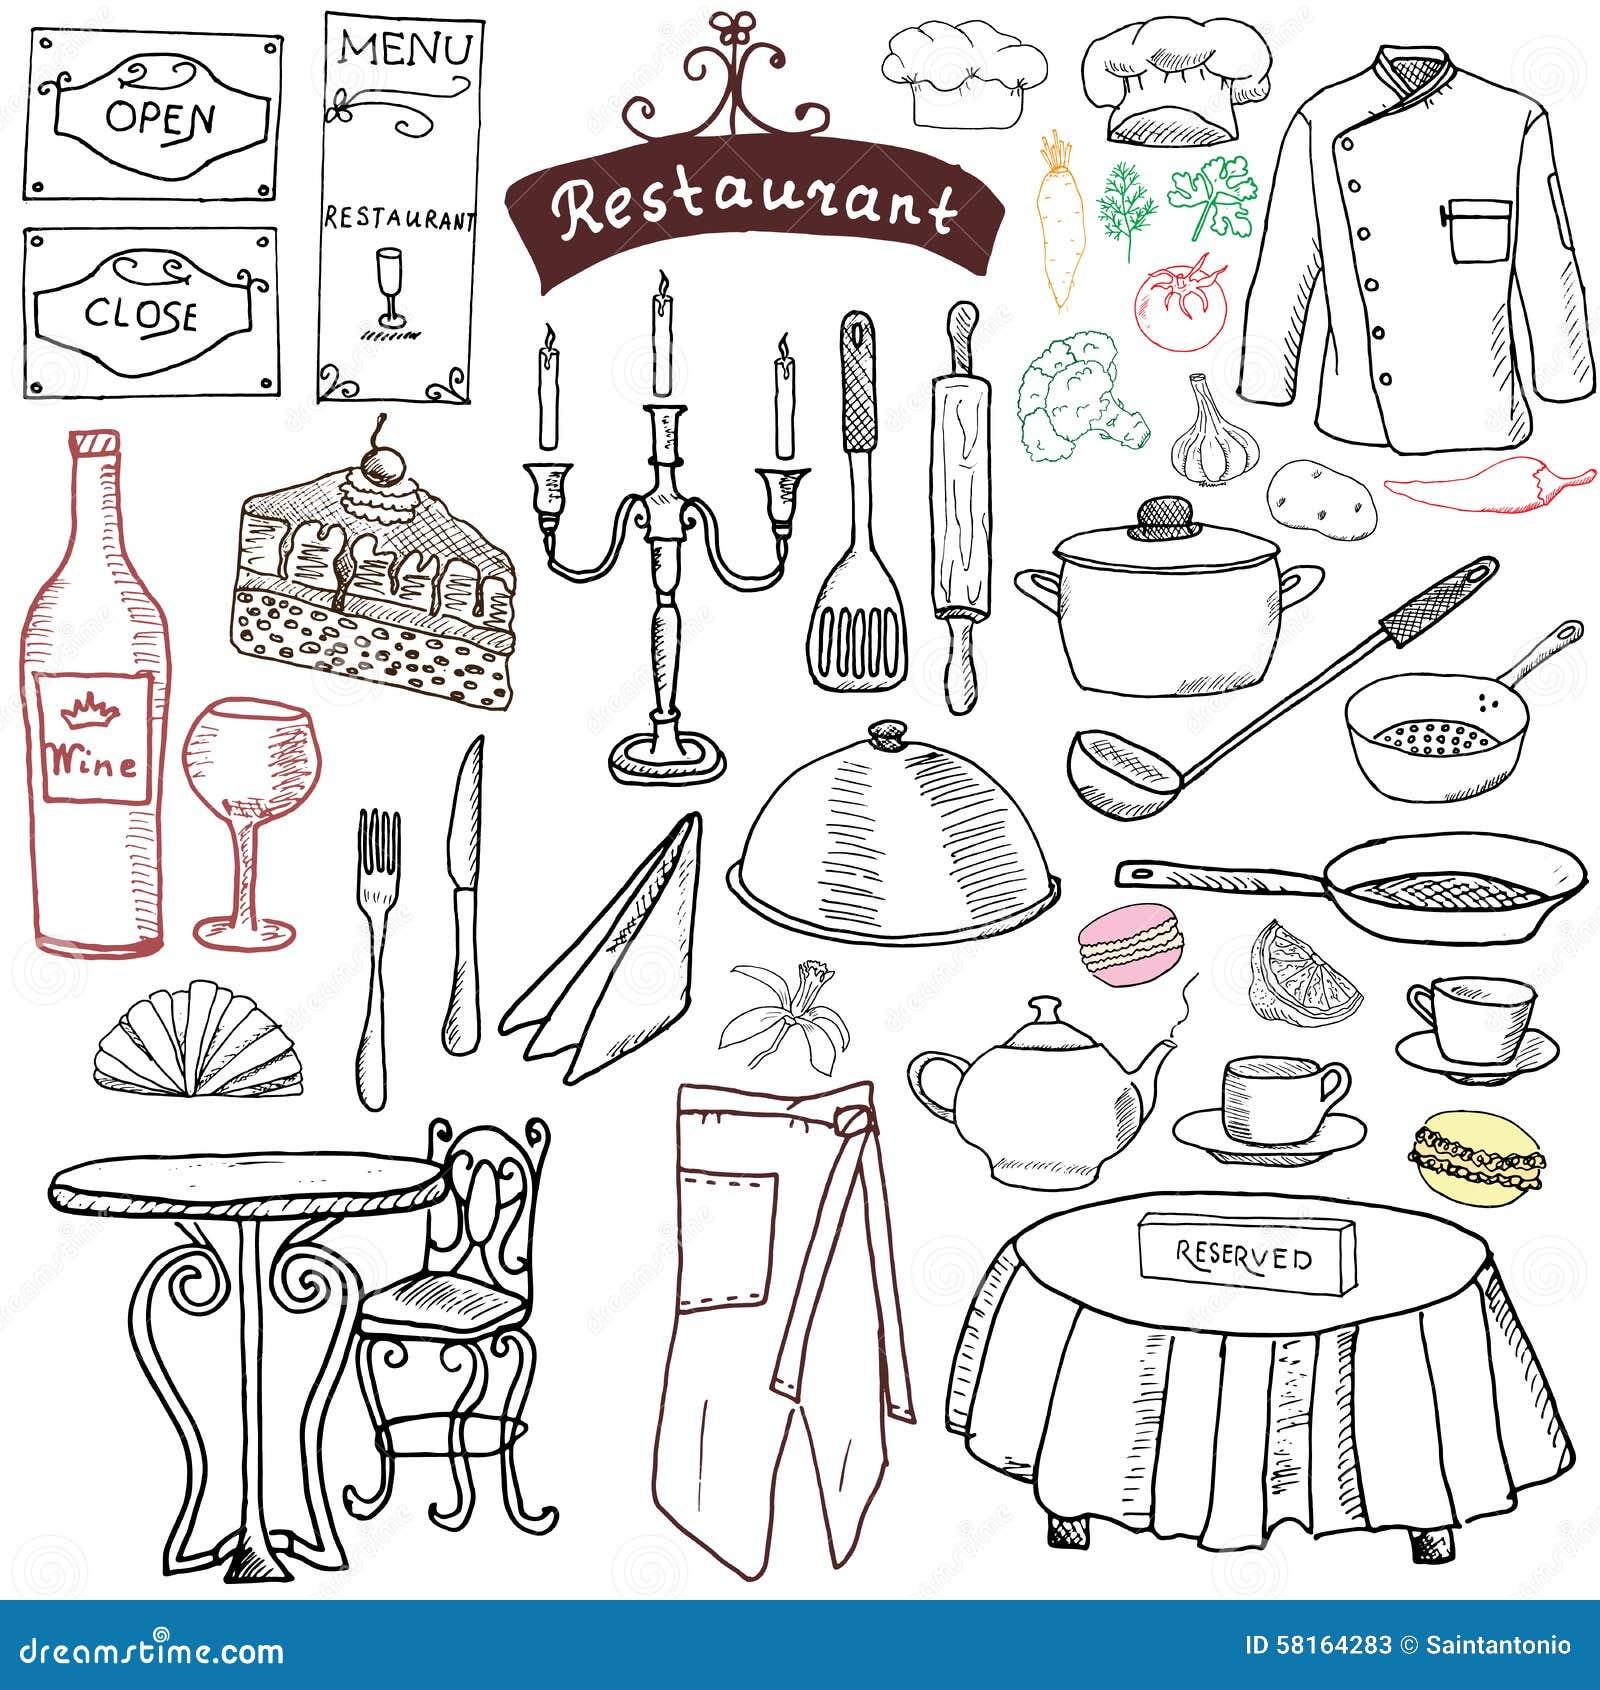 Restaurant Sketch Doodles Set. Hand Drawn Elements Food